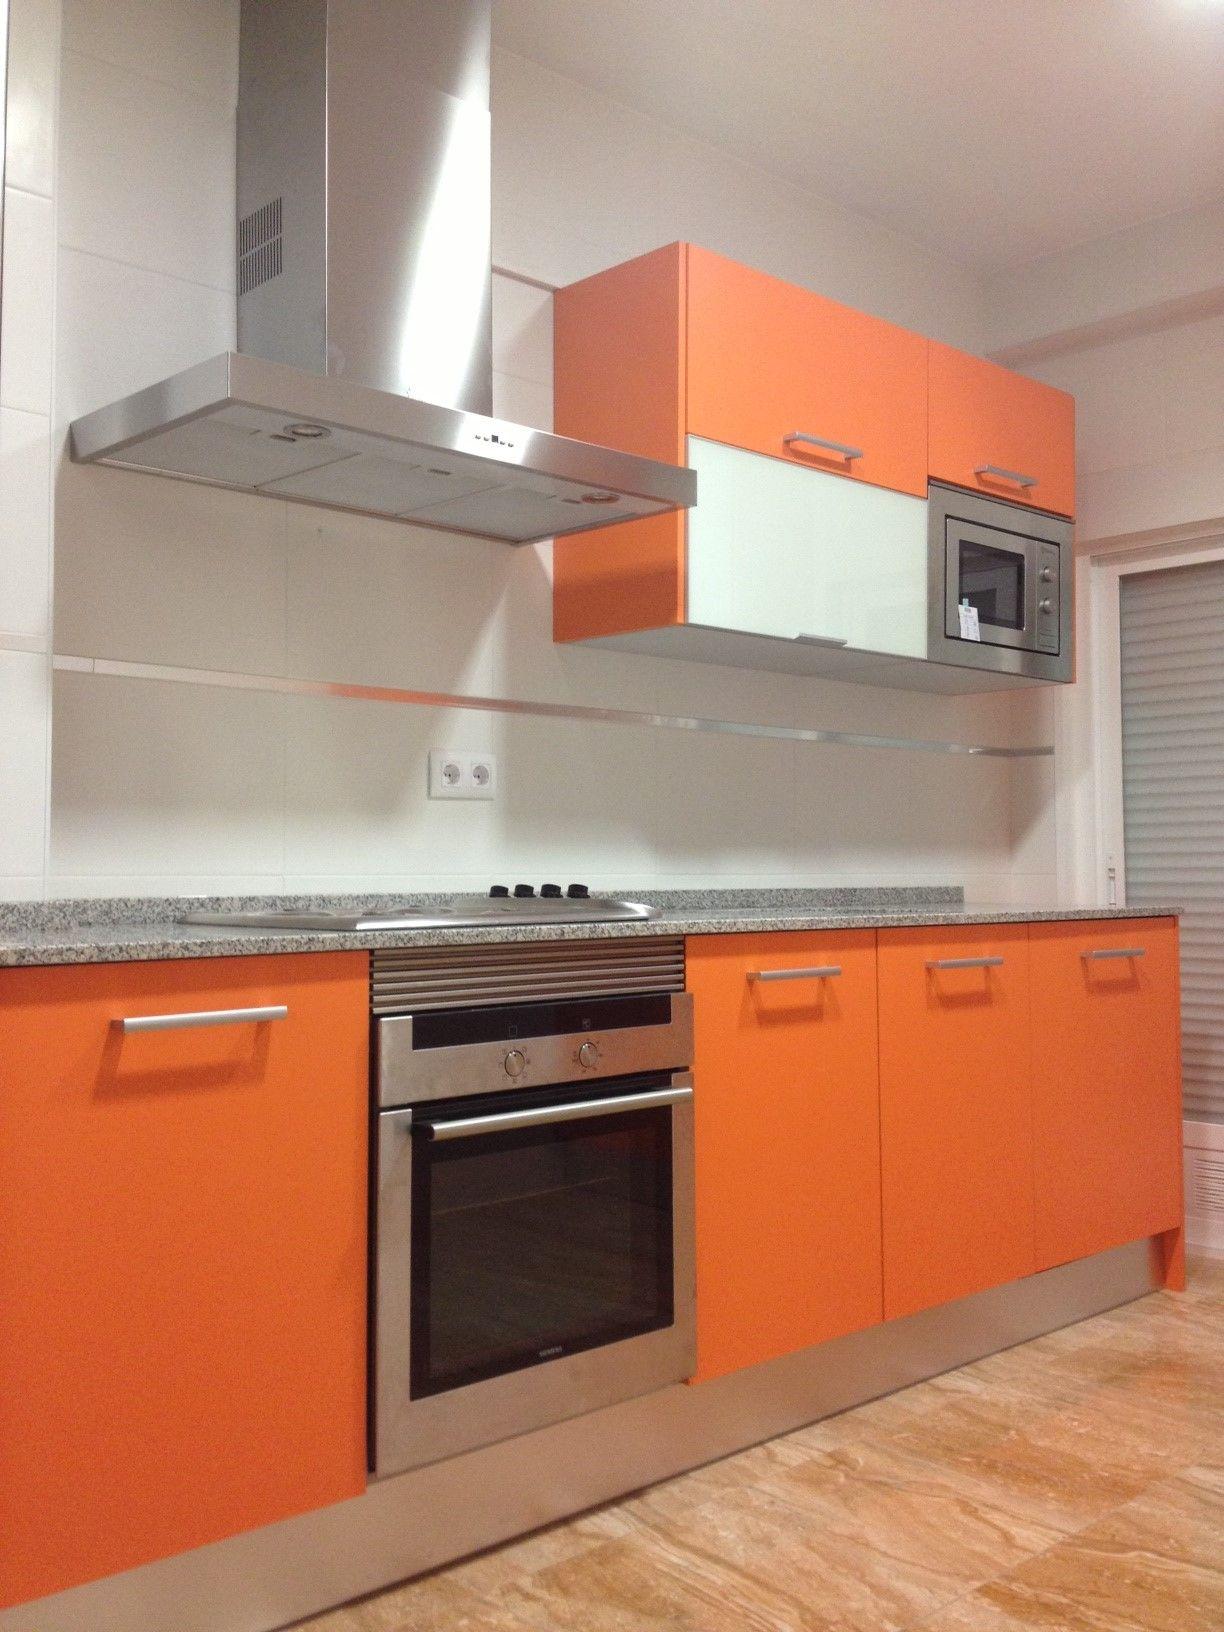 Muebles naranja obtenga ideas dise o de muebles para su for Muebles gallery lorca